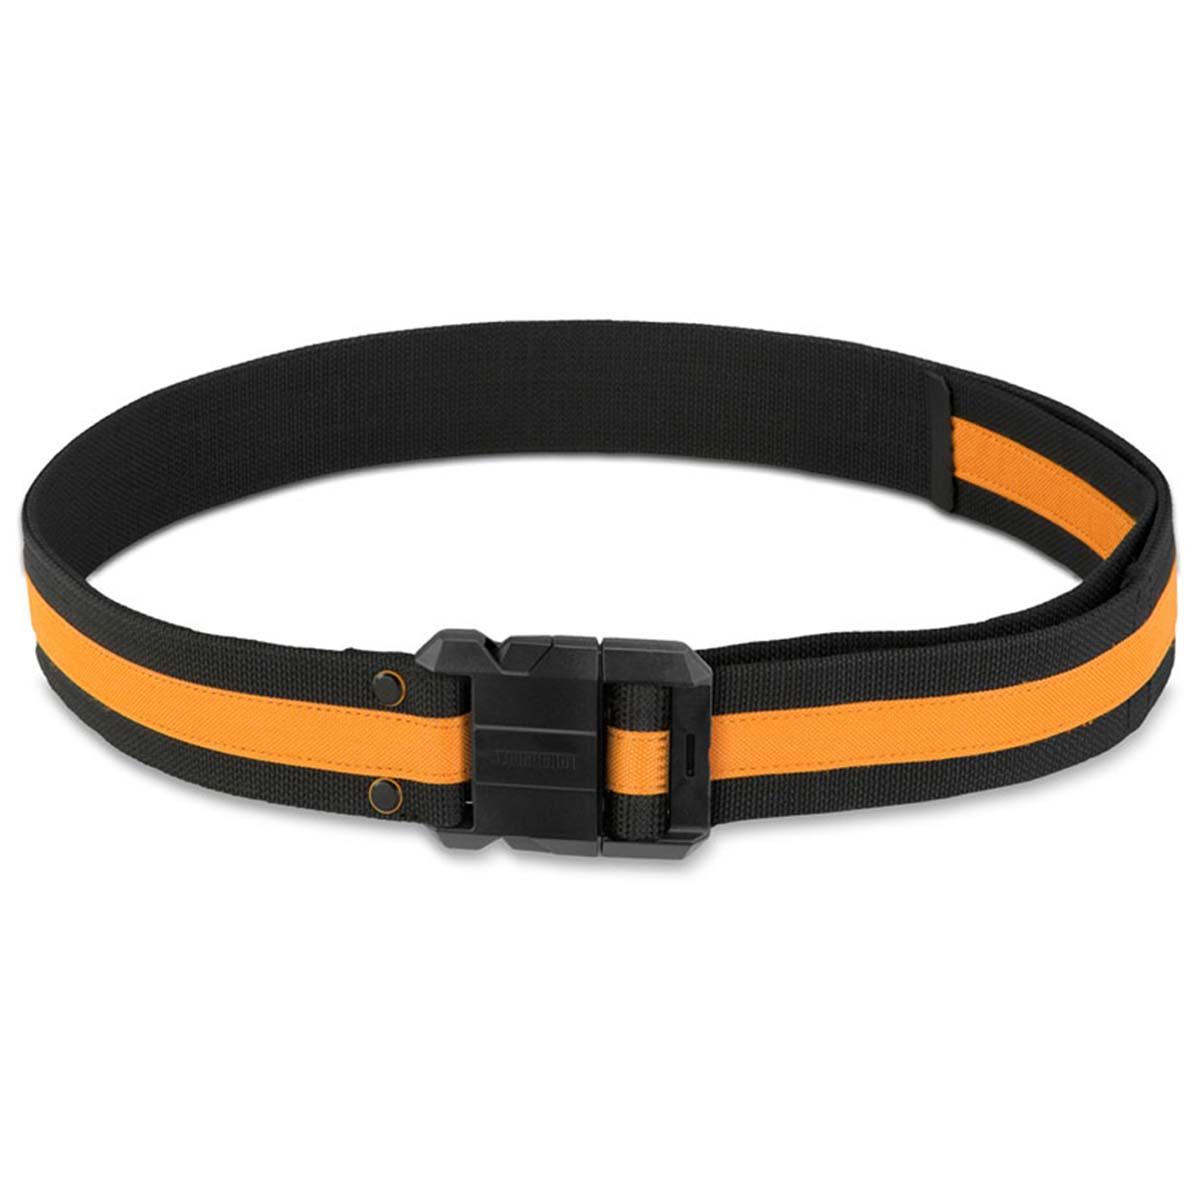 Cinturon Ajustable Para Construccion Industrial Toughbuilt